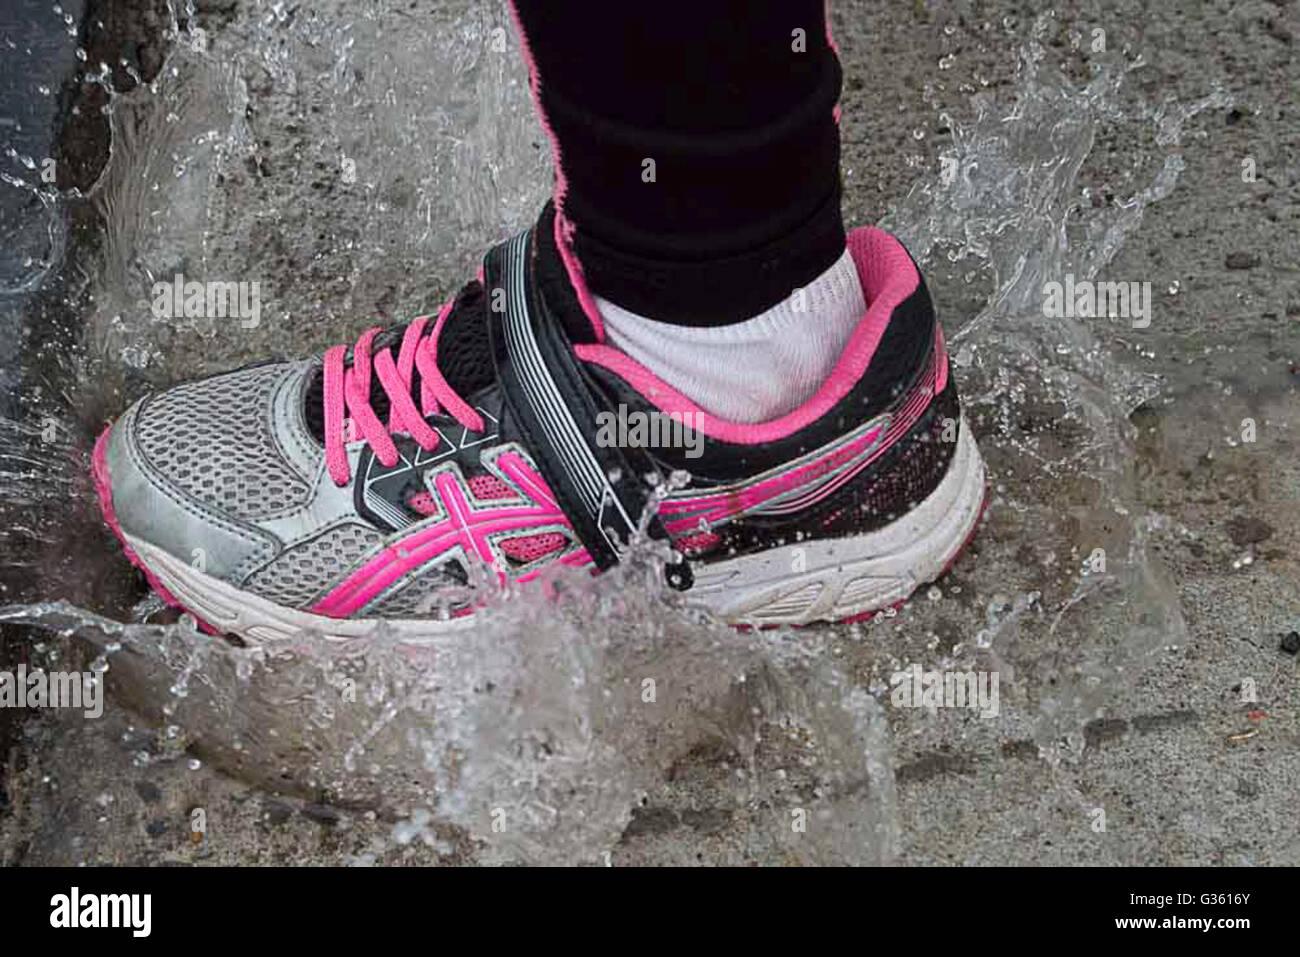 La chaussure de sport, chaussures, chaussures de sport, chaussure, tournant dans une flaque Photo Stock